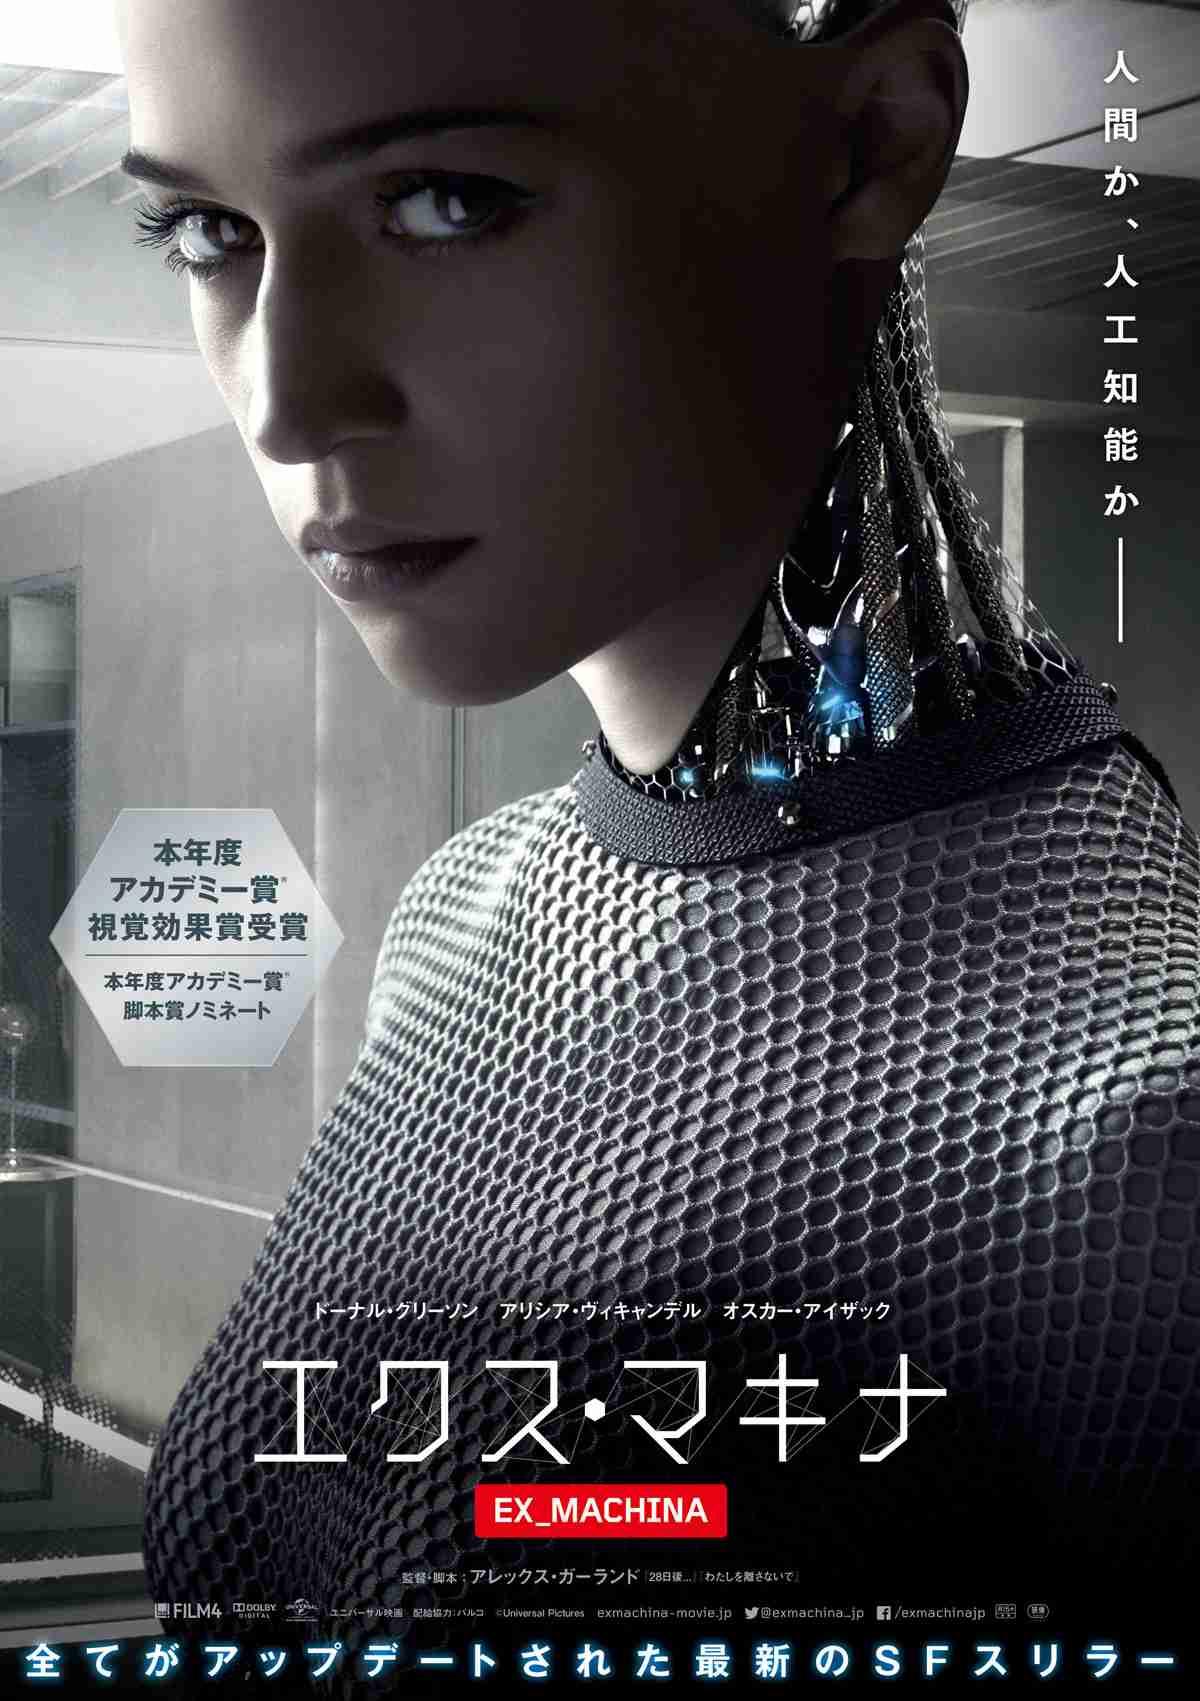 エクス・マキナ - 作品 - Yahoo!映画